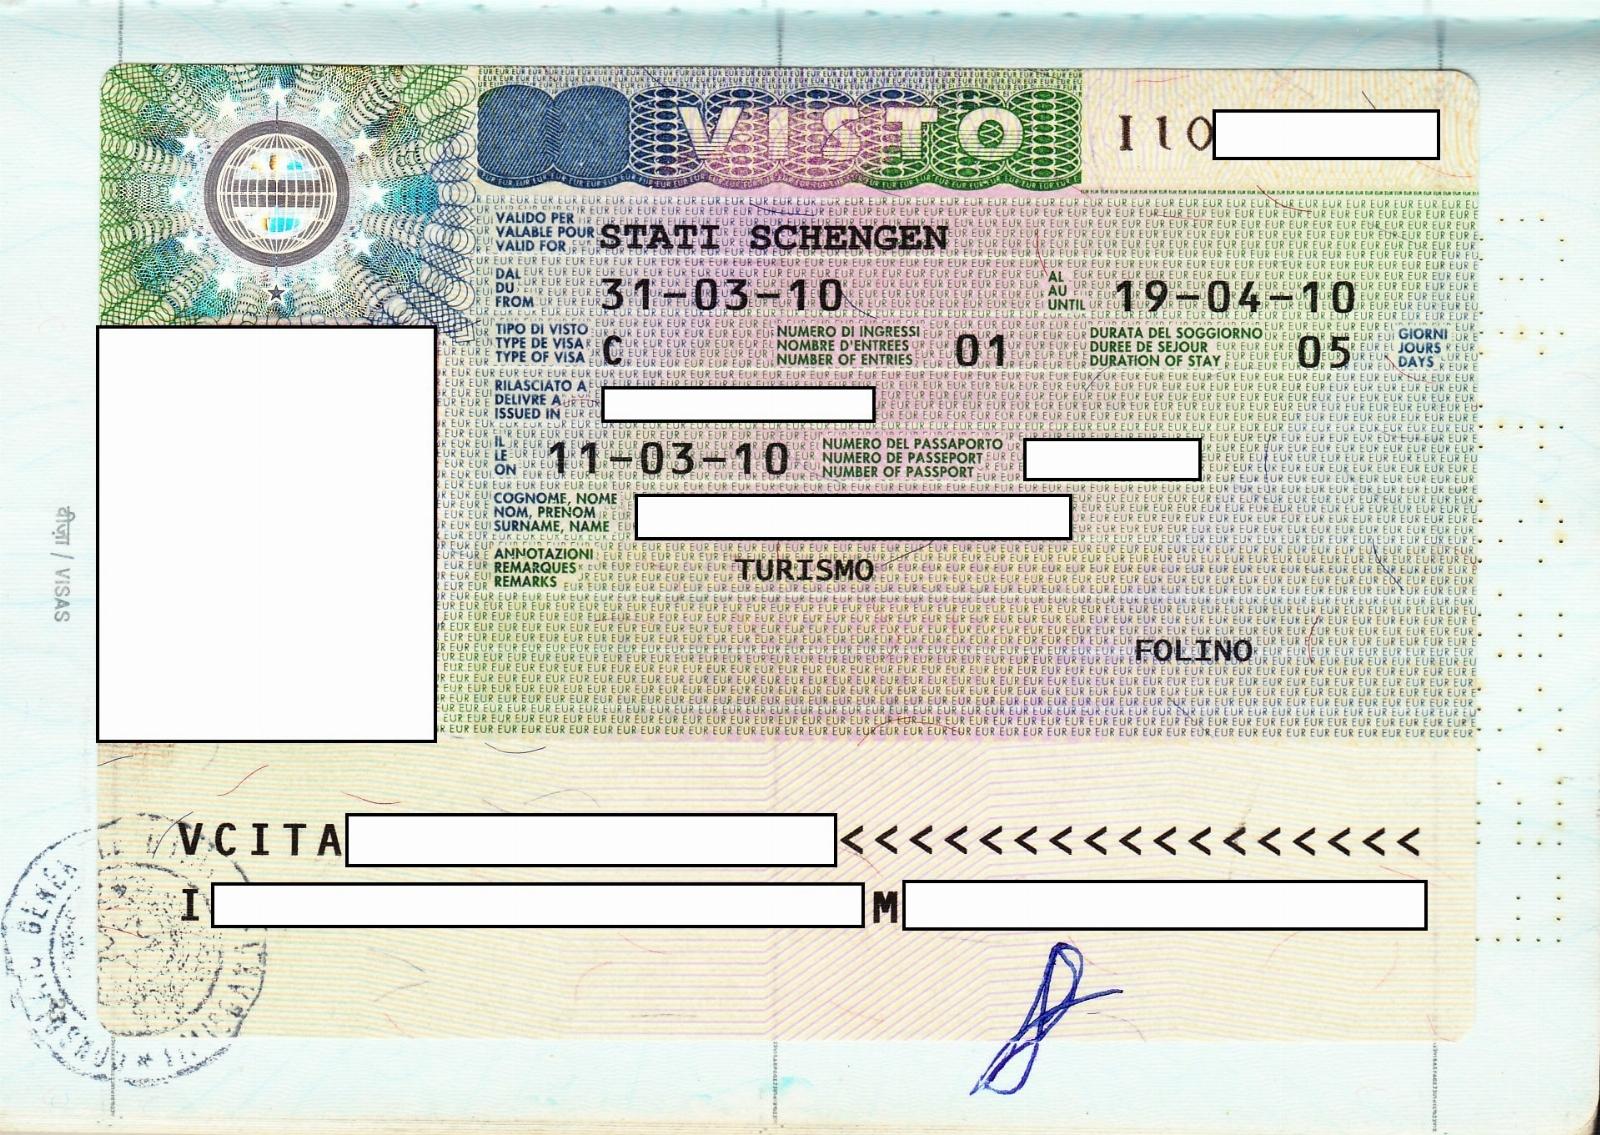 Italy_Visa.jpg